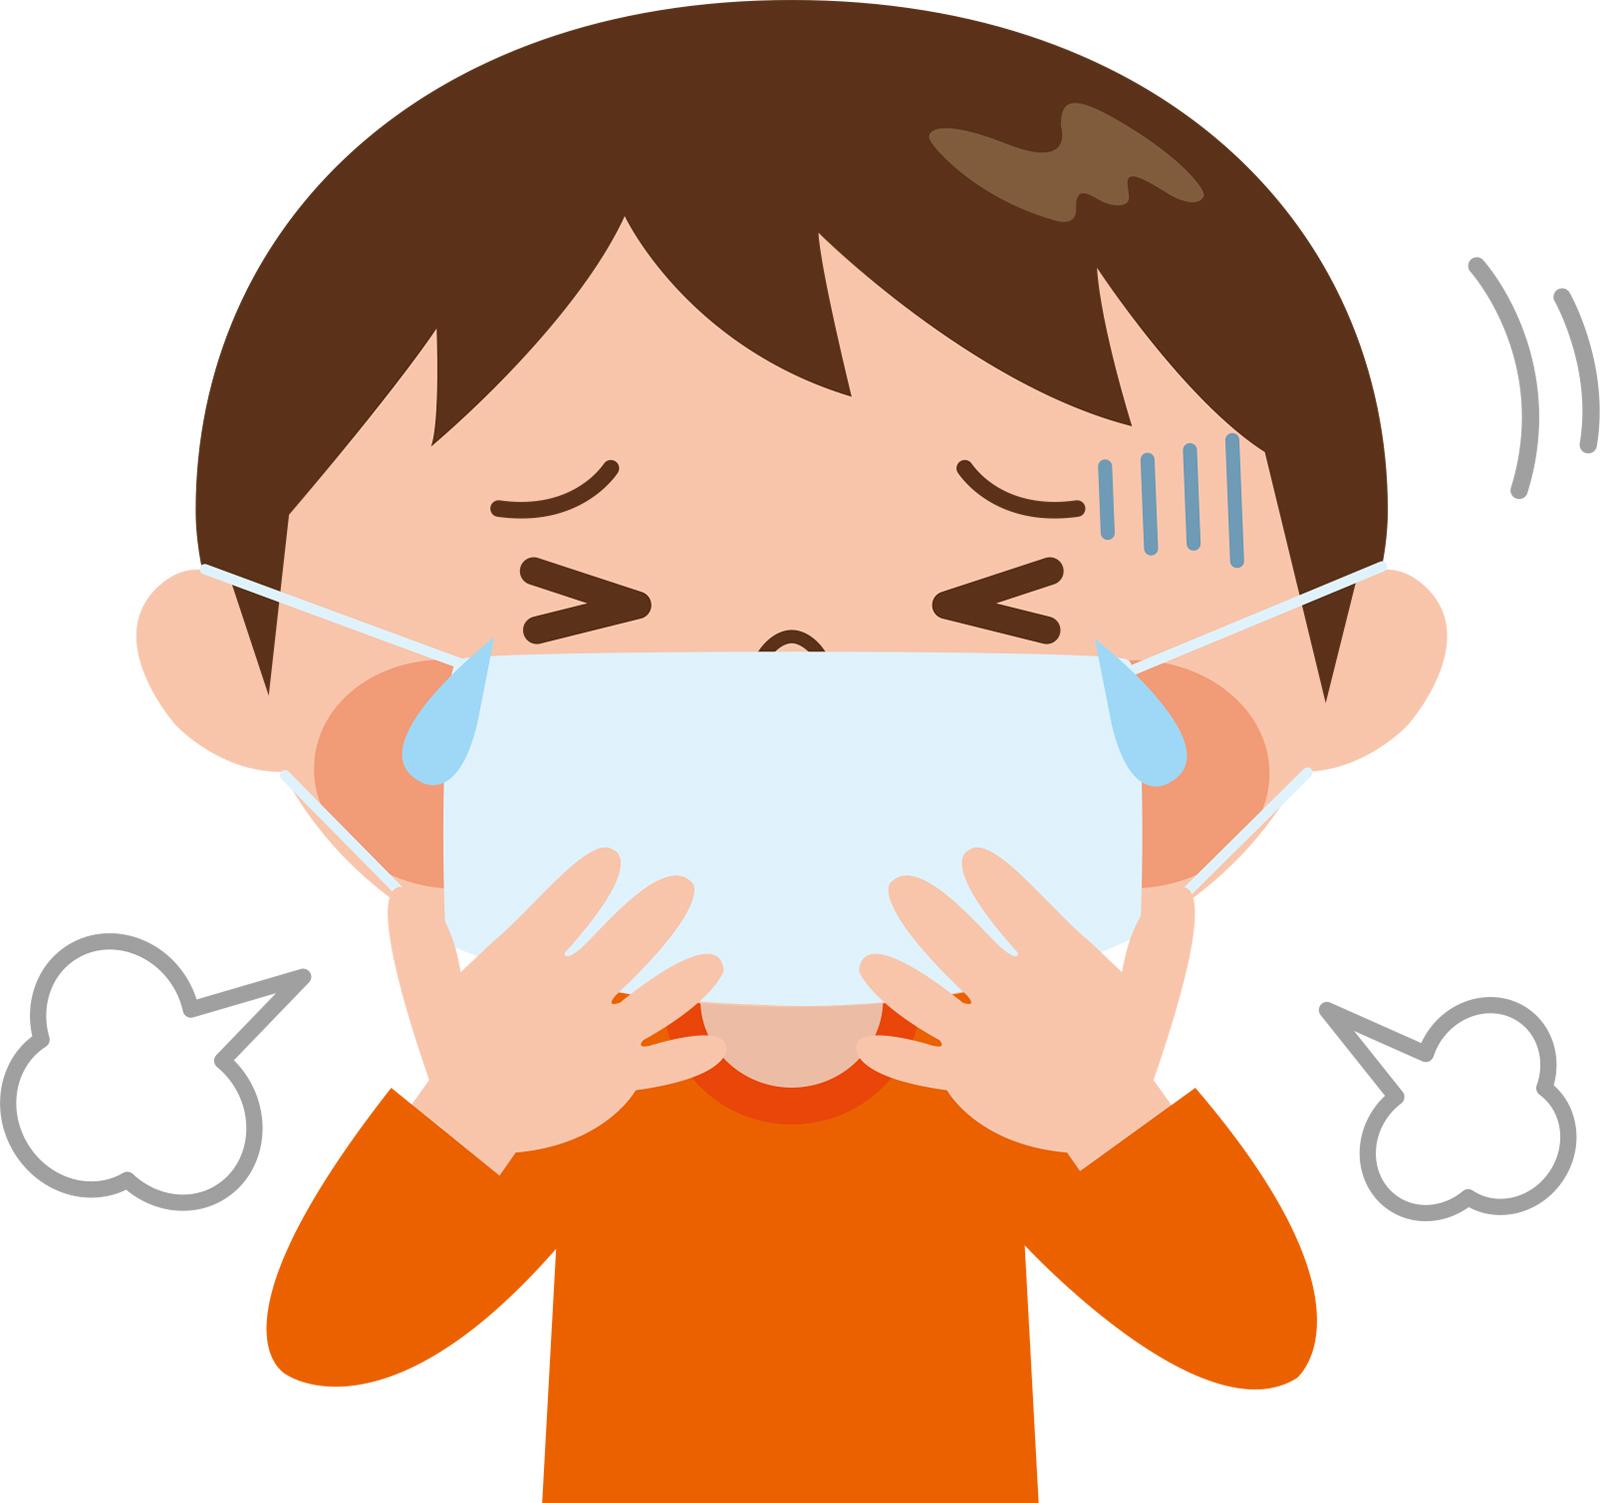 インフルエンザ脳炎/脳症の発生率と臨床像は?